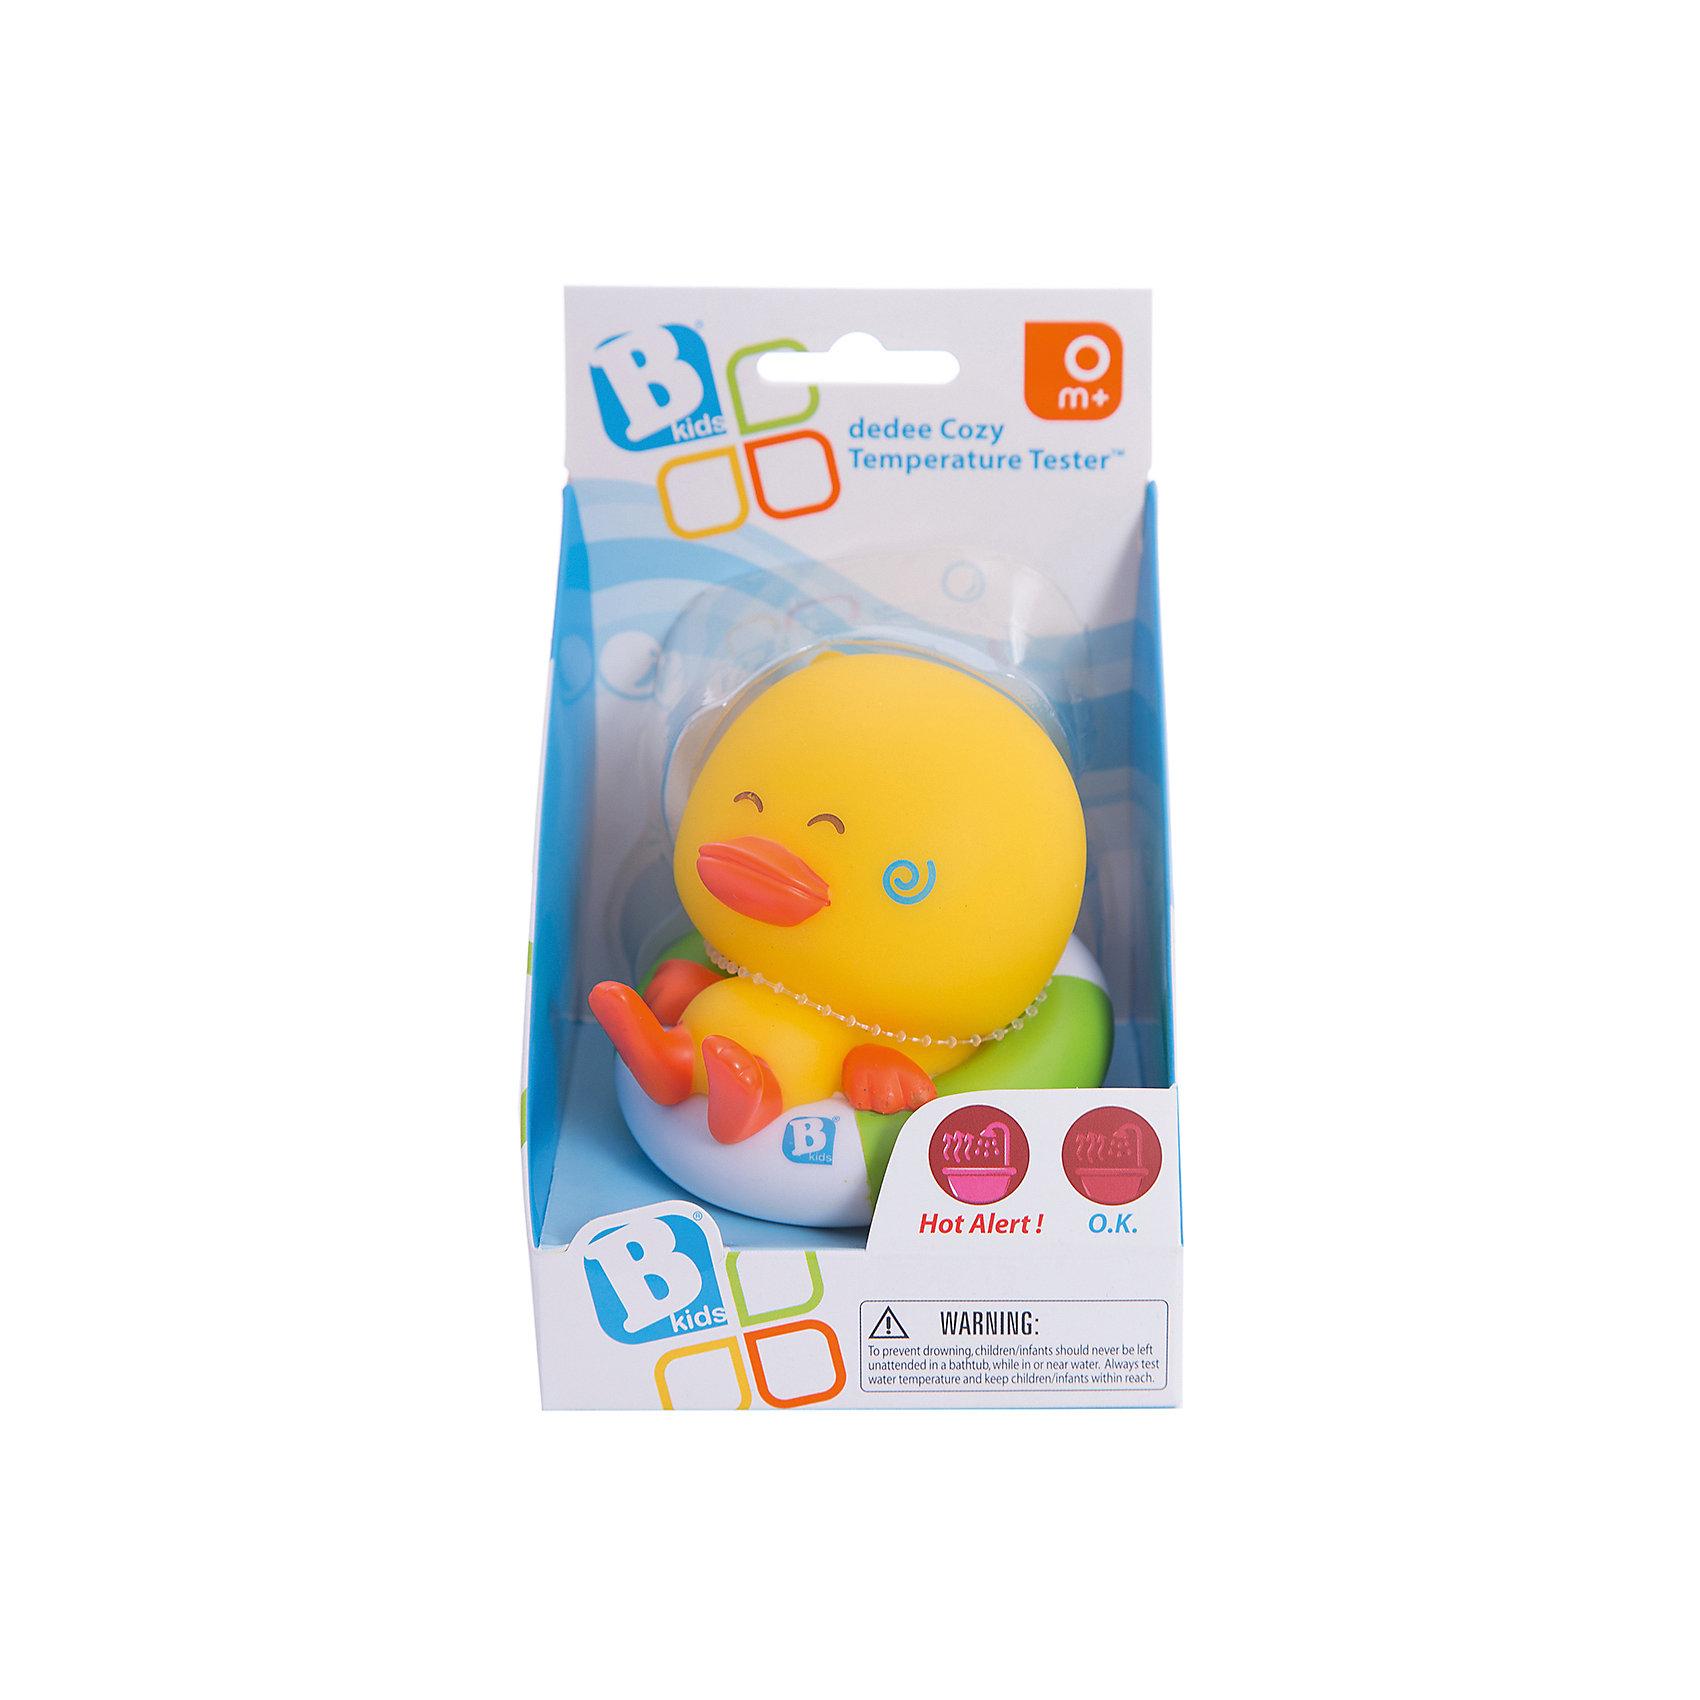 Игрушка для купания Уточка с идентификатором температуры, BKidsТермометры<br>Весело проводить время в ванне с комфортной температурой поможет ребенку эта уточка со встроенным термометром. Она поможет определить, когда вода слишком горяча, а когда - оптимальна для малыша.<br>Такие игрушки способствуют развитию мелкой моторики, воображения и тактильных ощущений. Изделие разработано специально для самых маленьких. Сделано из материалов, безопасных для детей.<br><br>Дополнительная информация:<br><br>цвет: разноцветный;<br>возраст: с рождения.<br><br>Игрушку для купания Уточка с идентификатором температуры от бренда BKids можно купить в нашем интернет-магазине.<br><br>Ширина мм: 98<br>Глубина мм: 98<br>Высота мм: 149<br>Вес г: 113<br>Возраст от месяцев: 0<br>Возраст до месяцев: 36<br>Пол: Унисекс<br>Возраст: Детский<br>SKU: 5055359